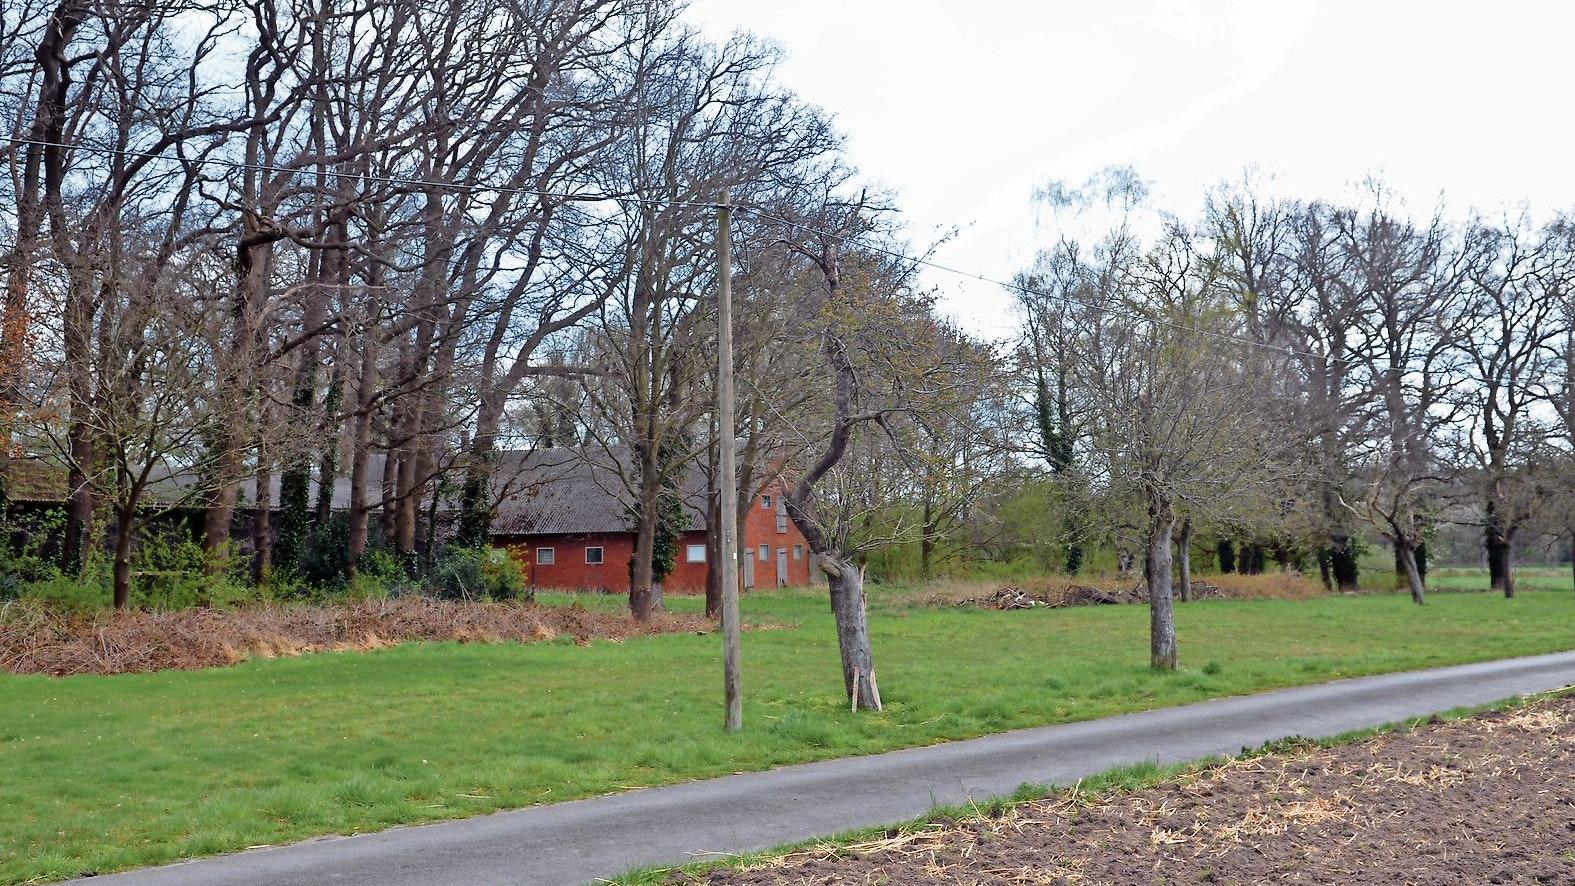 Vom Tisch: Im sogenannten Apfelgarten in Böen wird kein Gesundheitshaus entstehen. Foto: Siemer